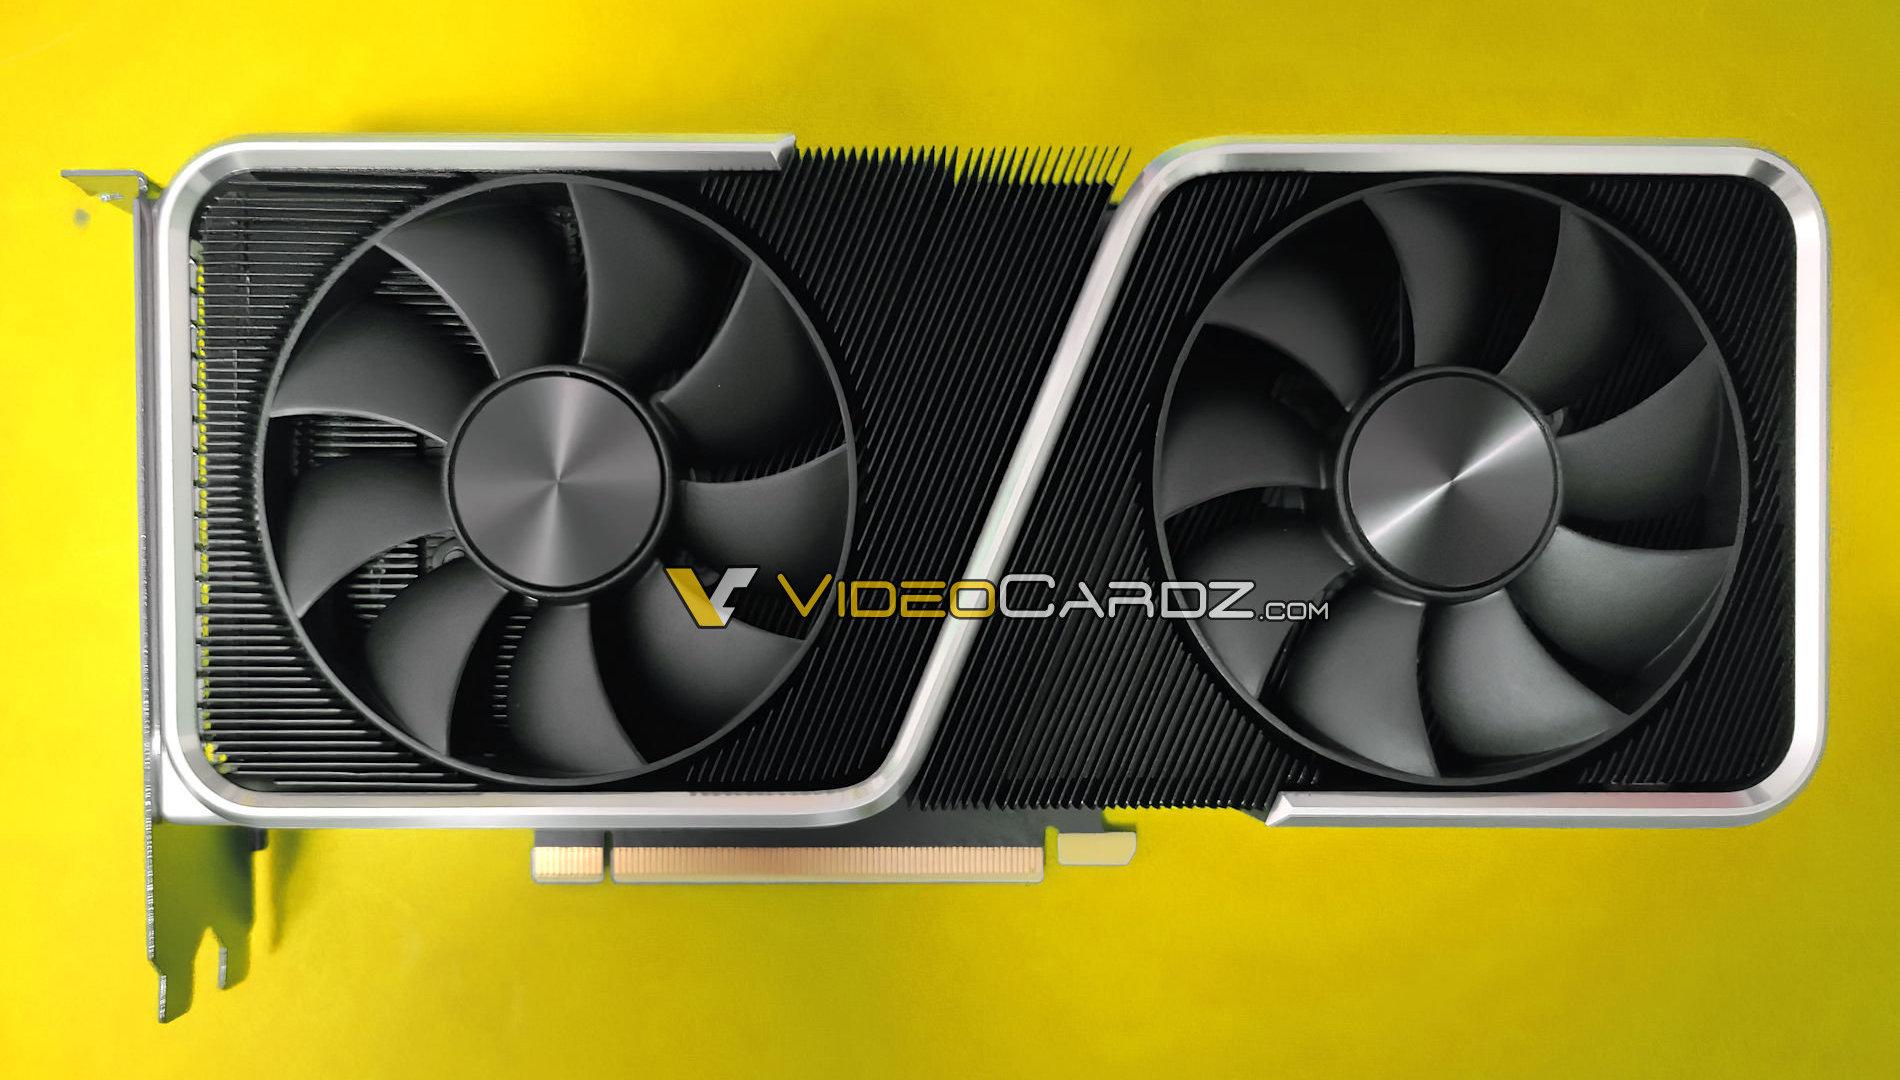 MSI подтверждает видеокарты GeForce RTX 3060 Ti и GeForce RTX 3080 20GB в EЭК